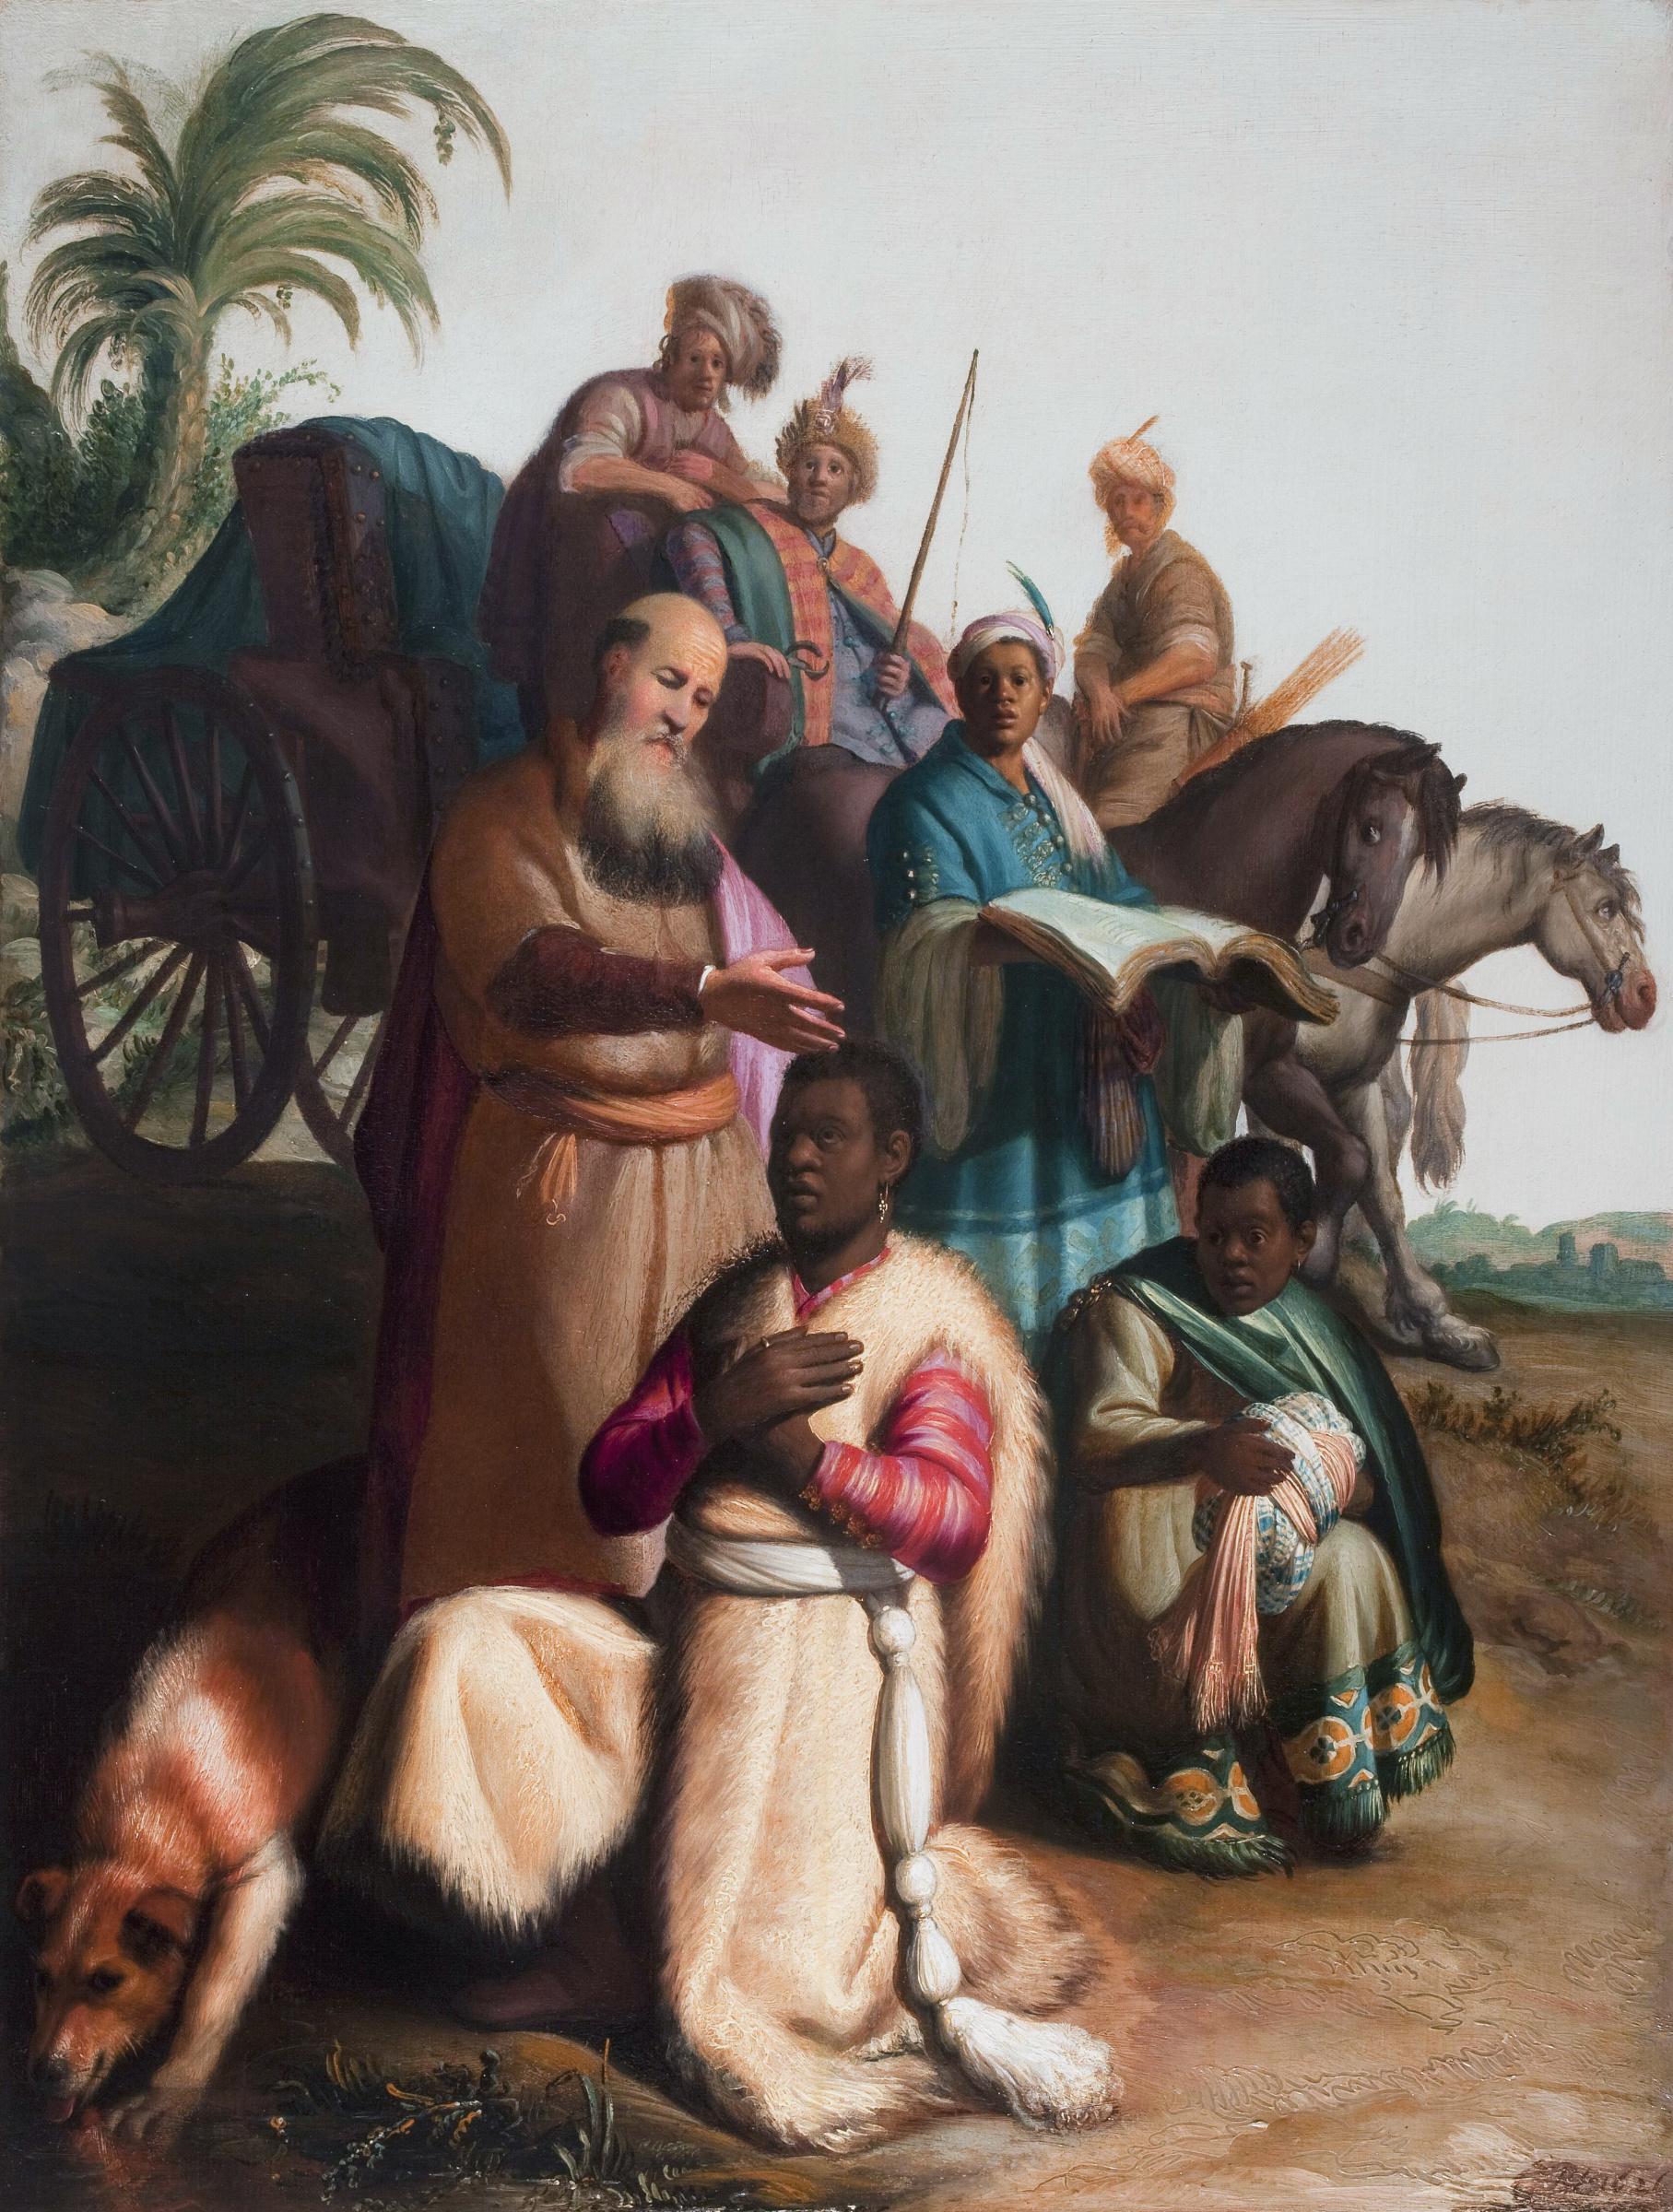 Rembrandt Harmenszoon van Rijn. The baptism of the eunuch